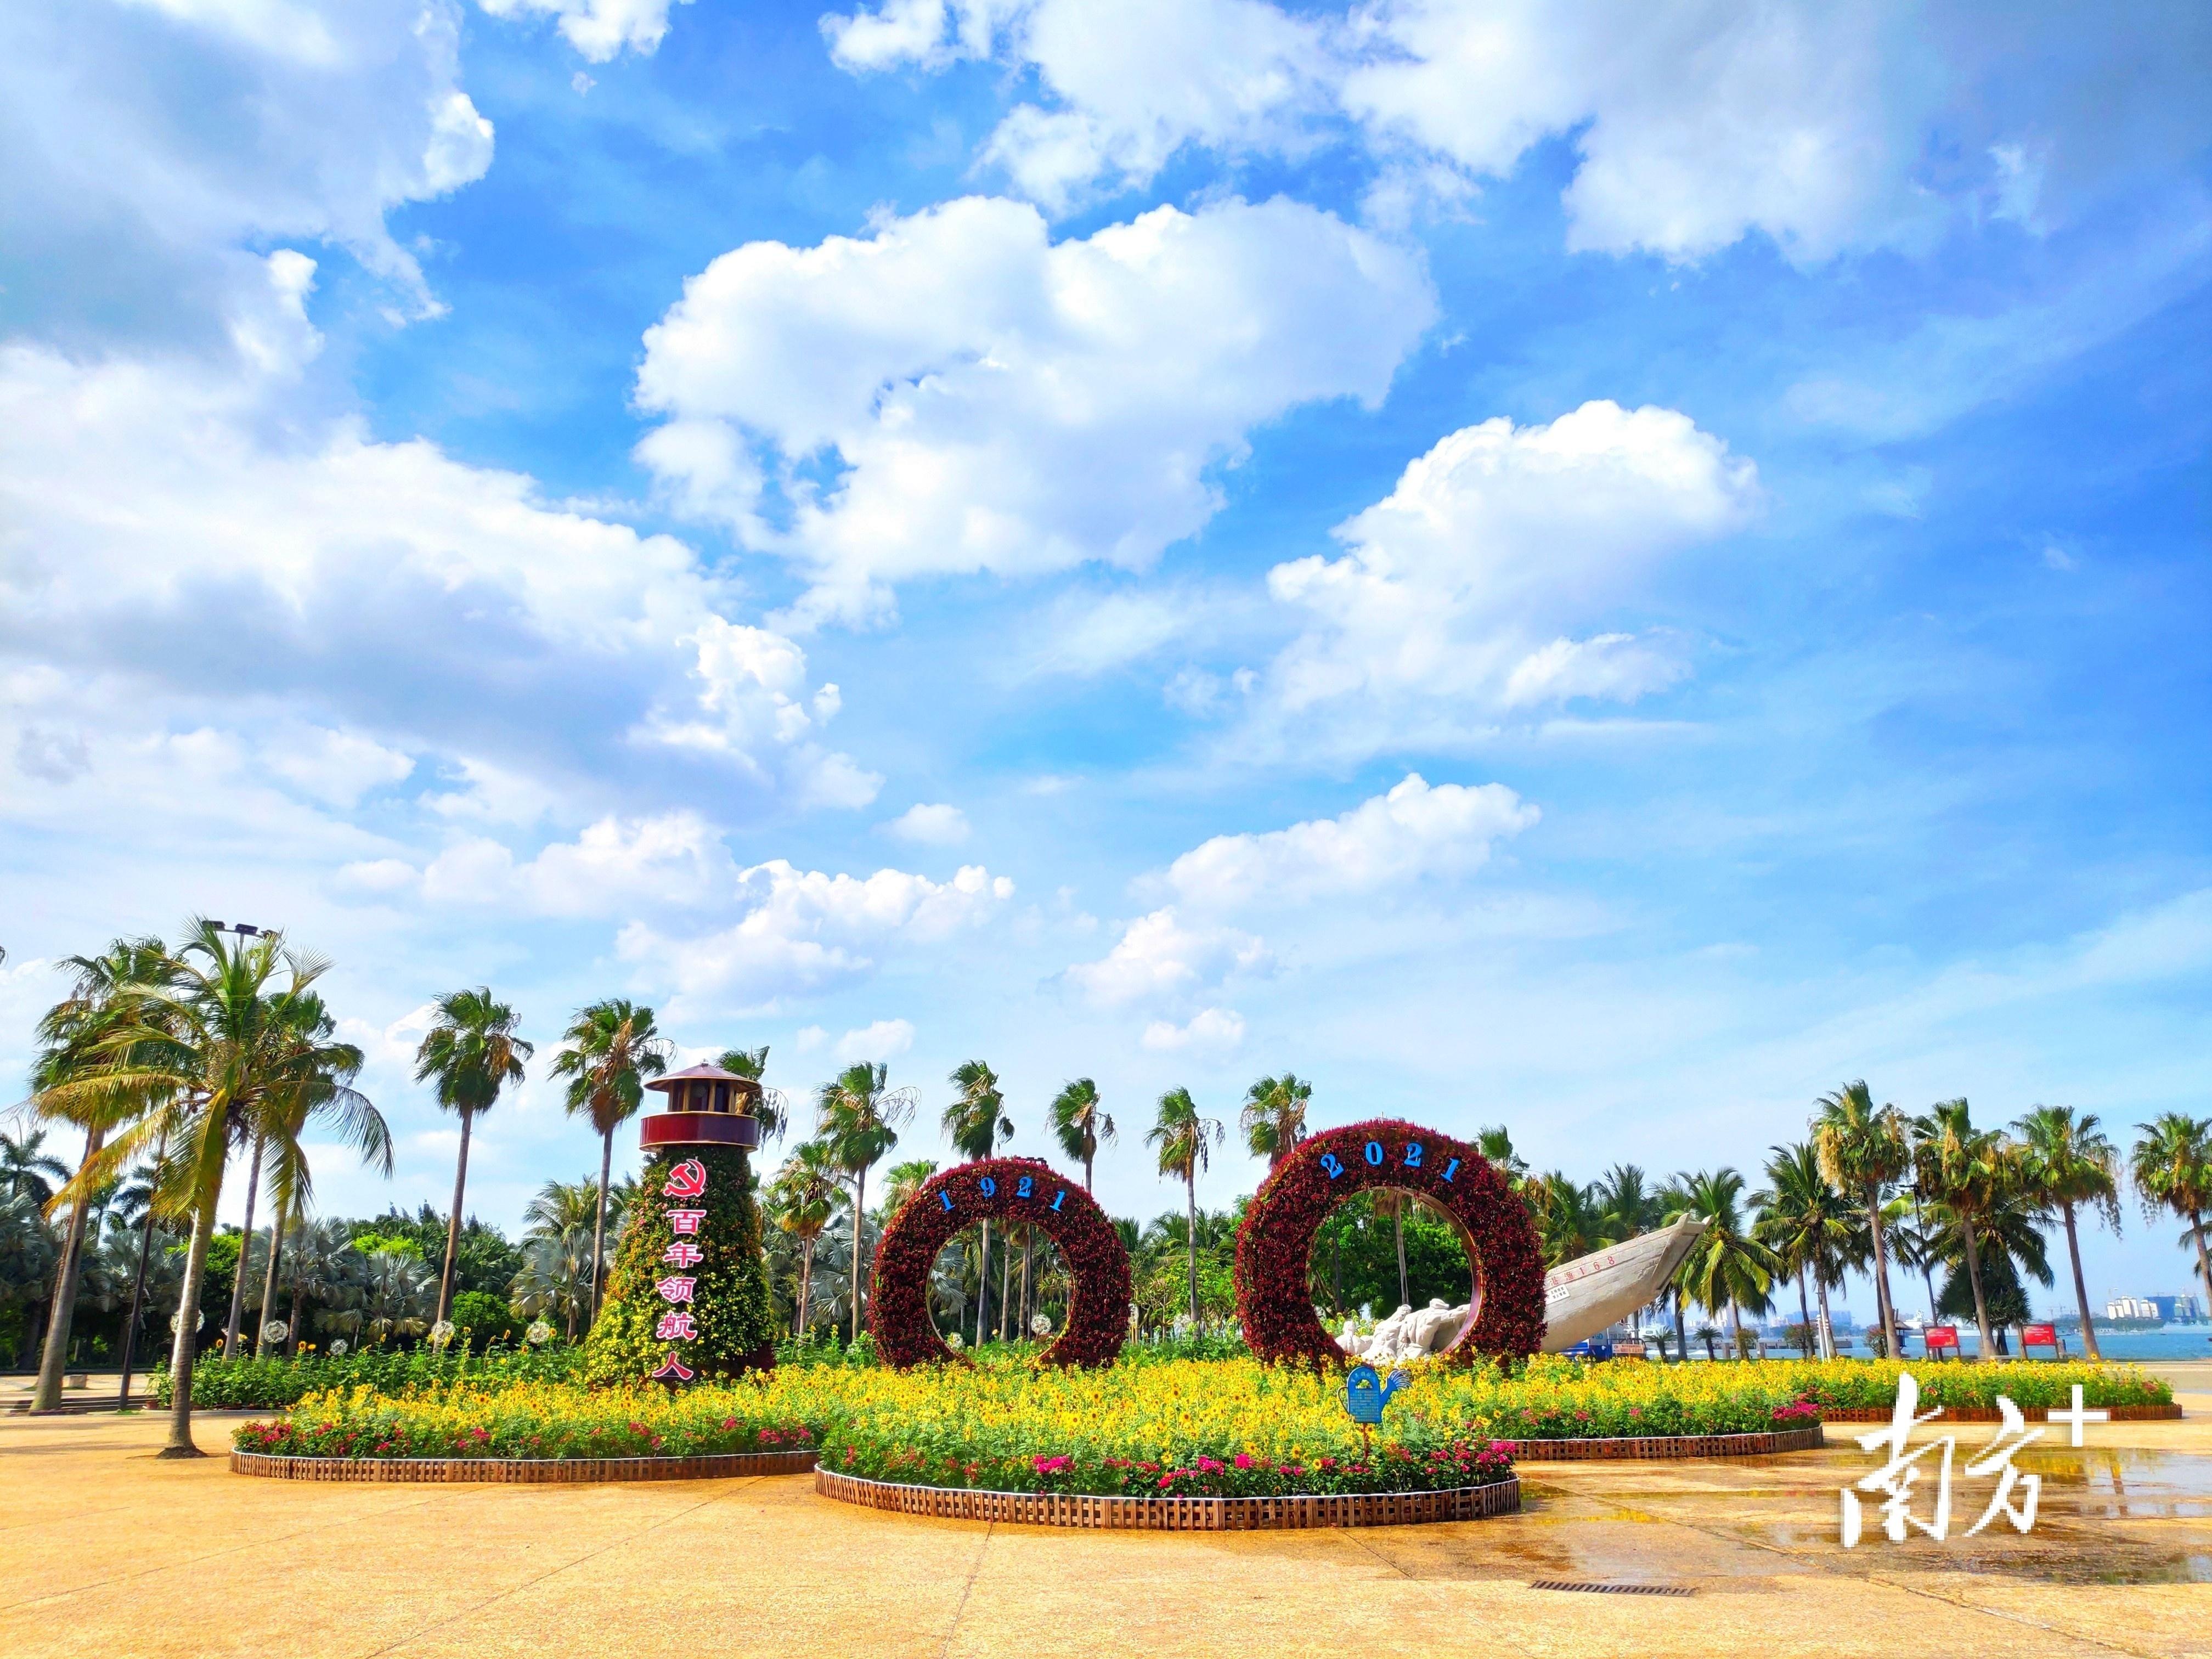 """6月29日,湛江渔港公园装置的特色""""七一""""主题花展,在蓝天白云下显得格外亮丽。陈永锋 摄"""